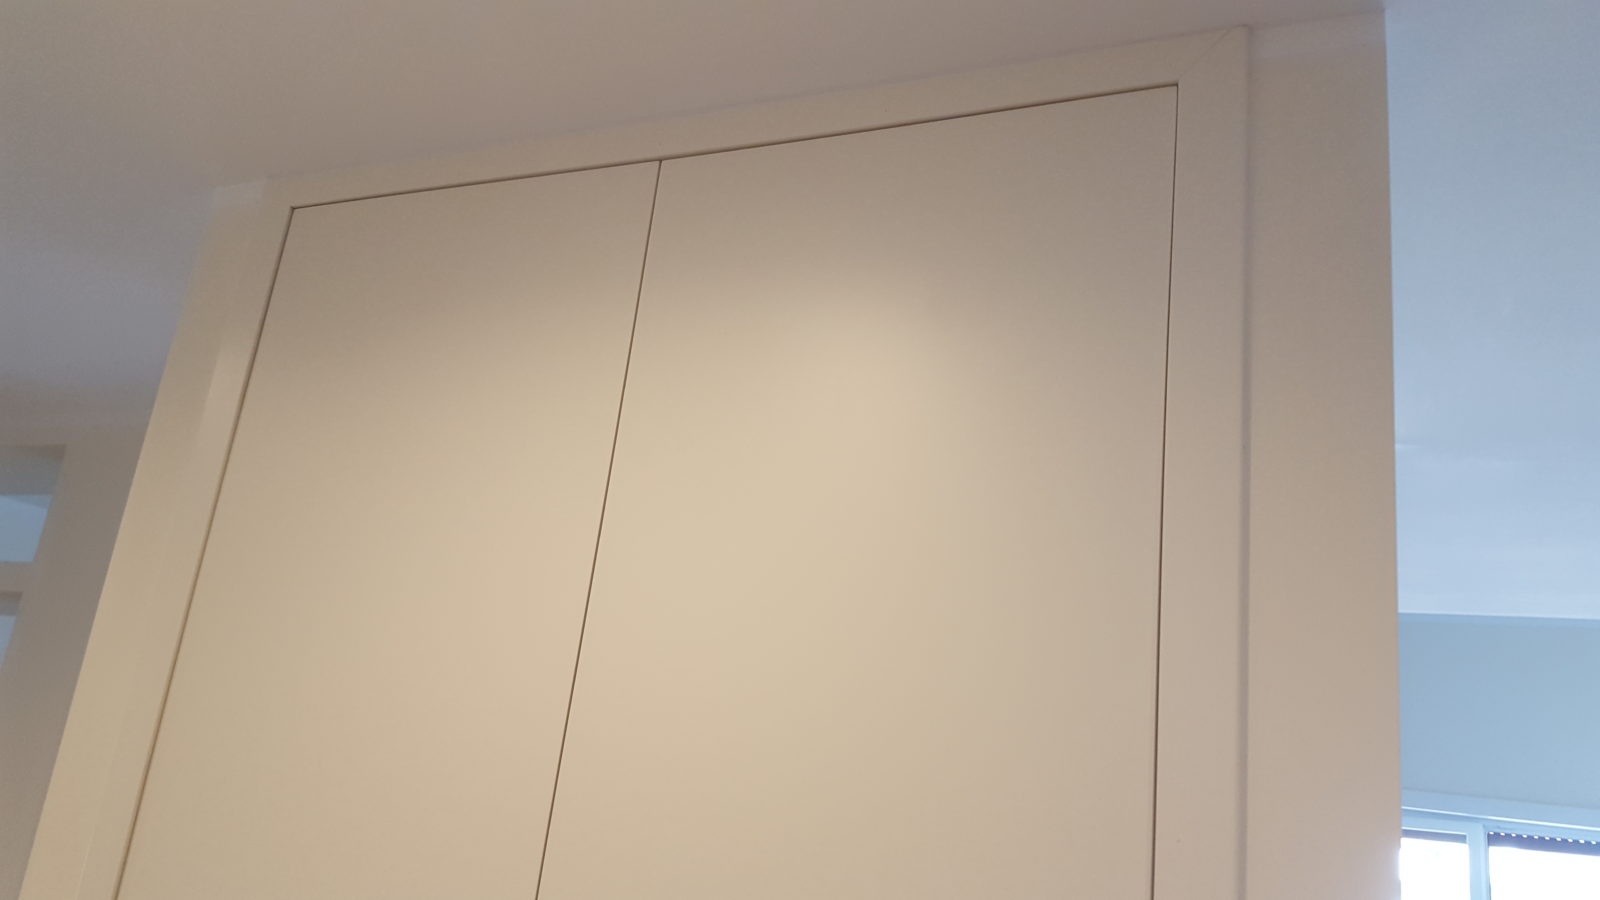 Armadio Filo Muro armadio a muro montaggio a filo muro